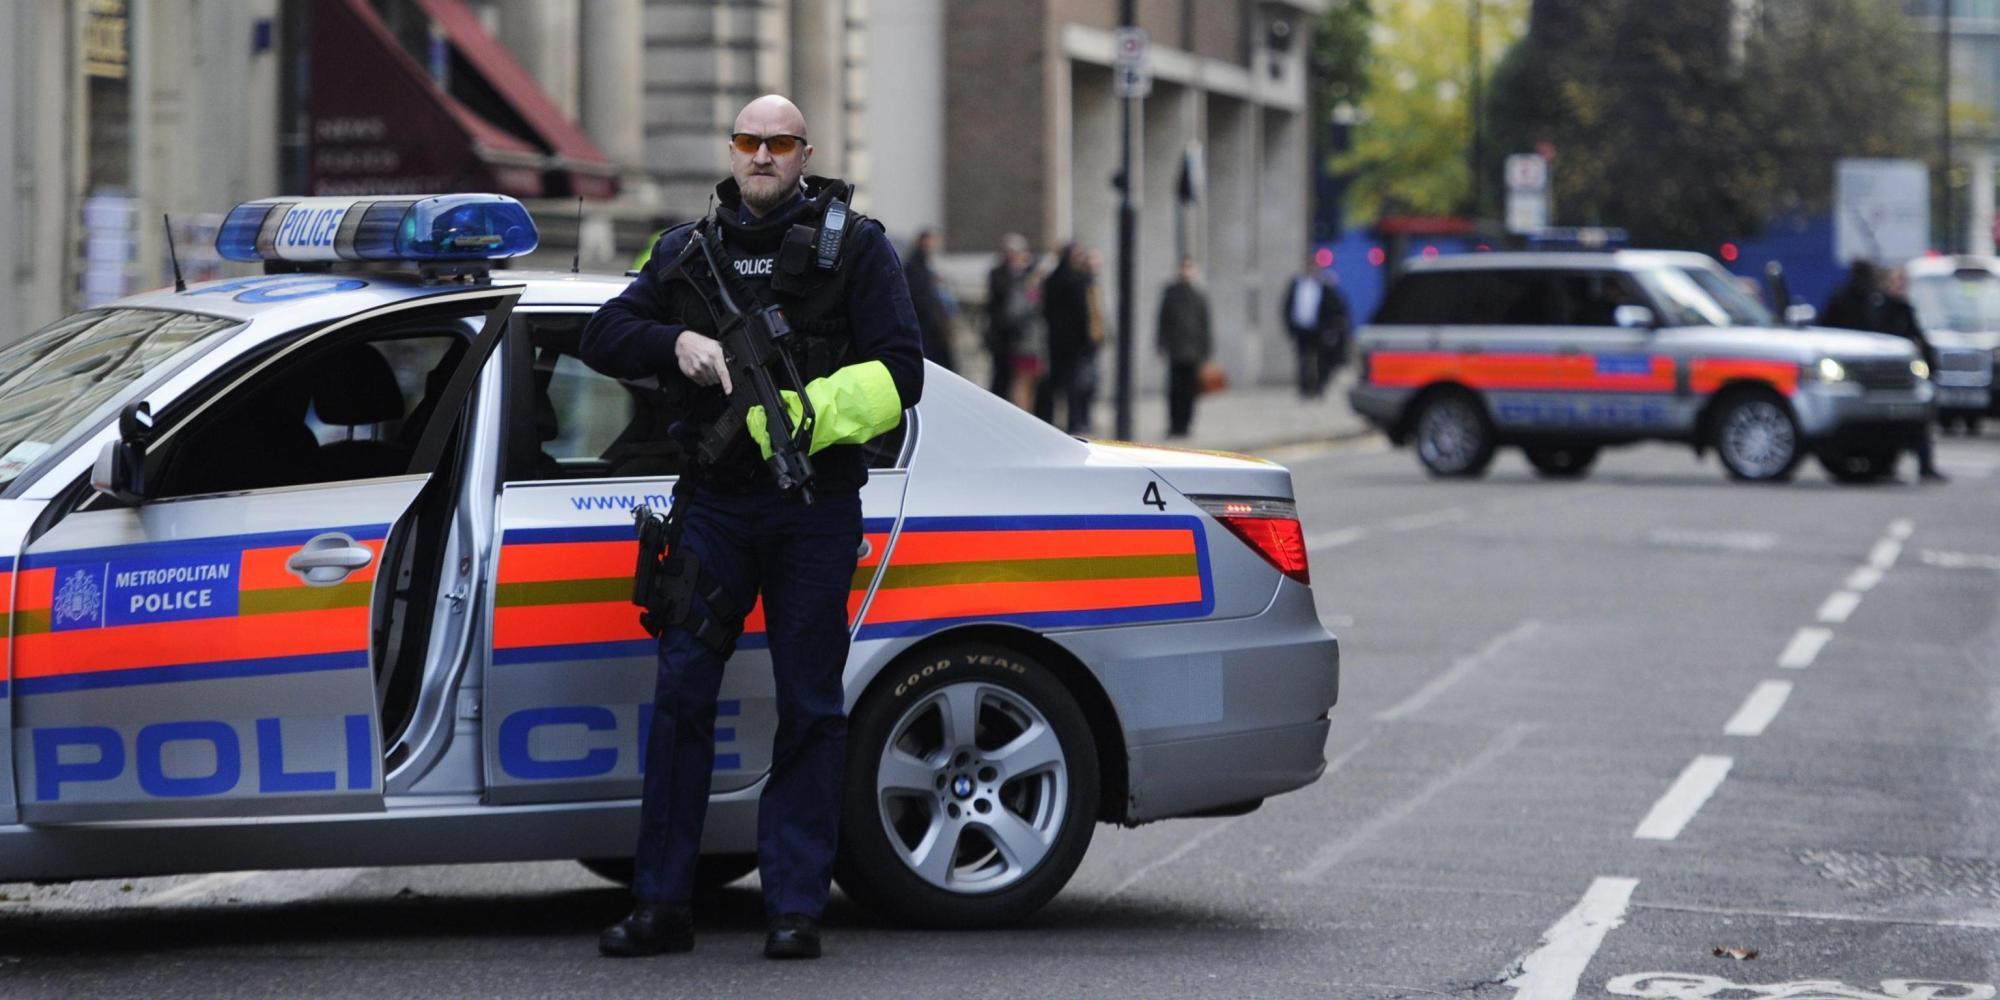 Londra, auto travolge passanti davanti a un museo: diversi i feriti